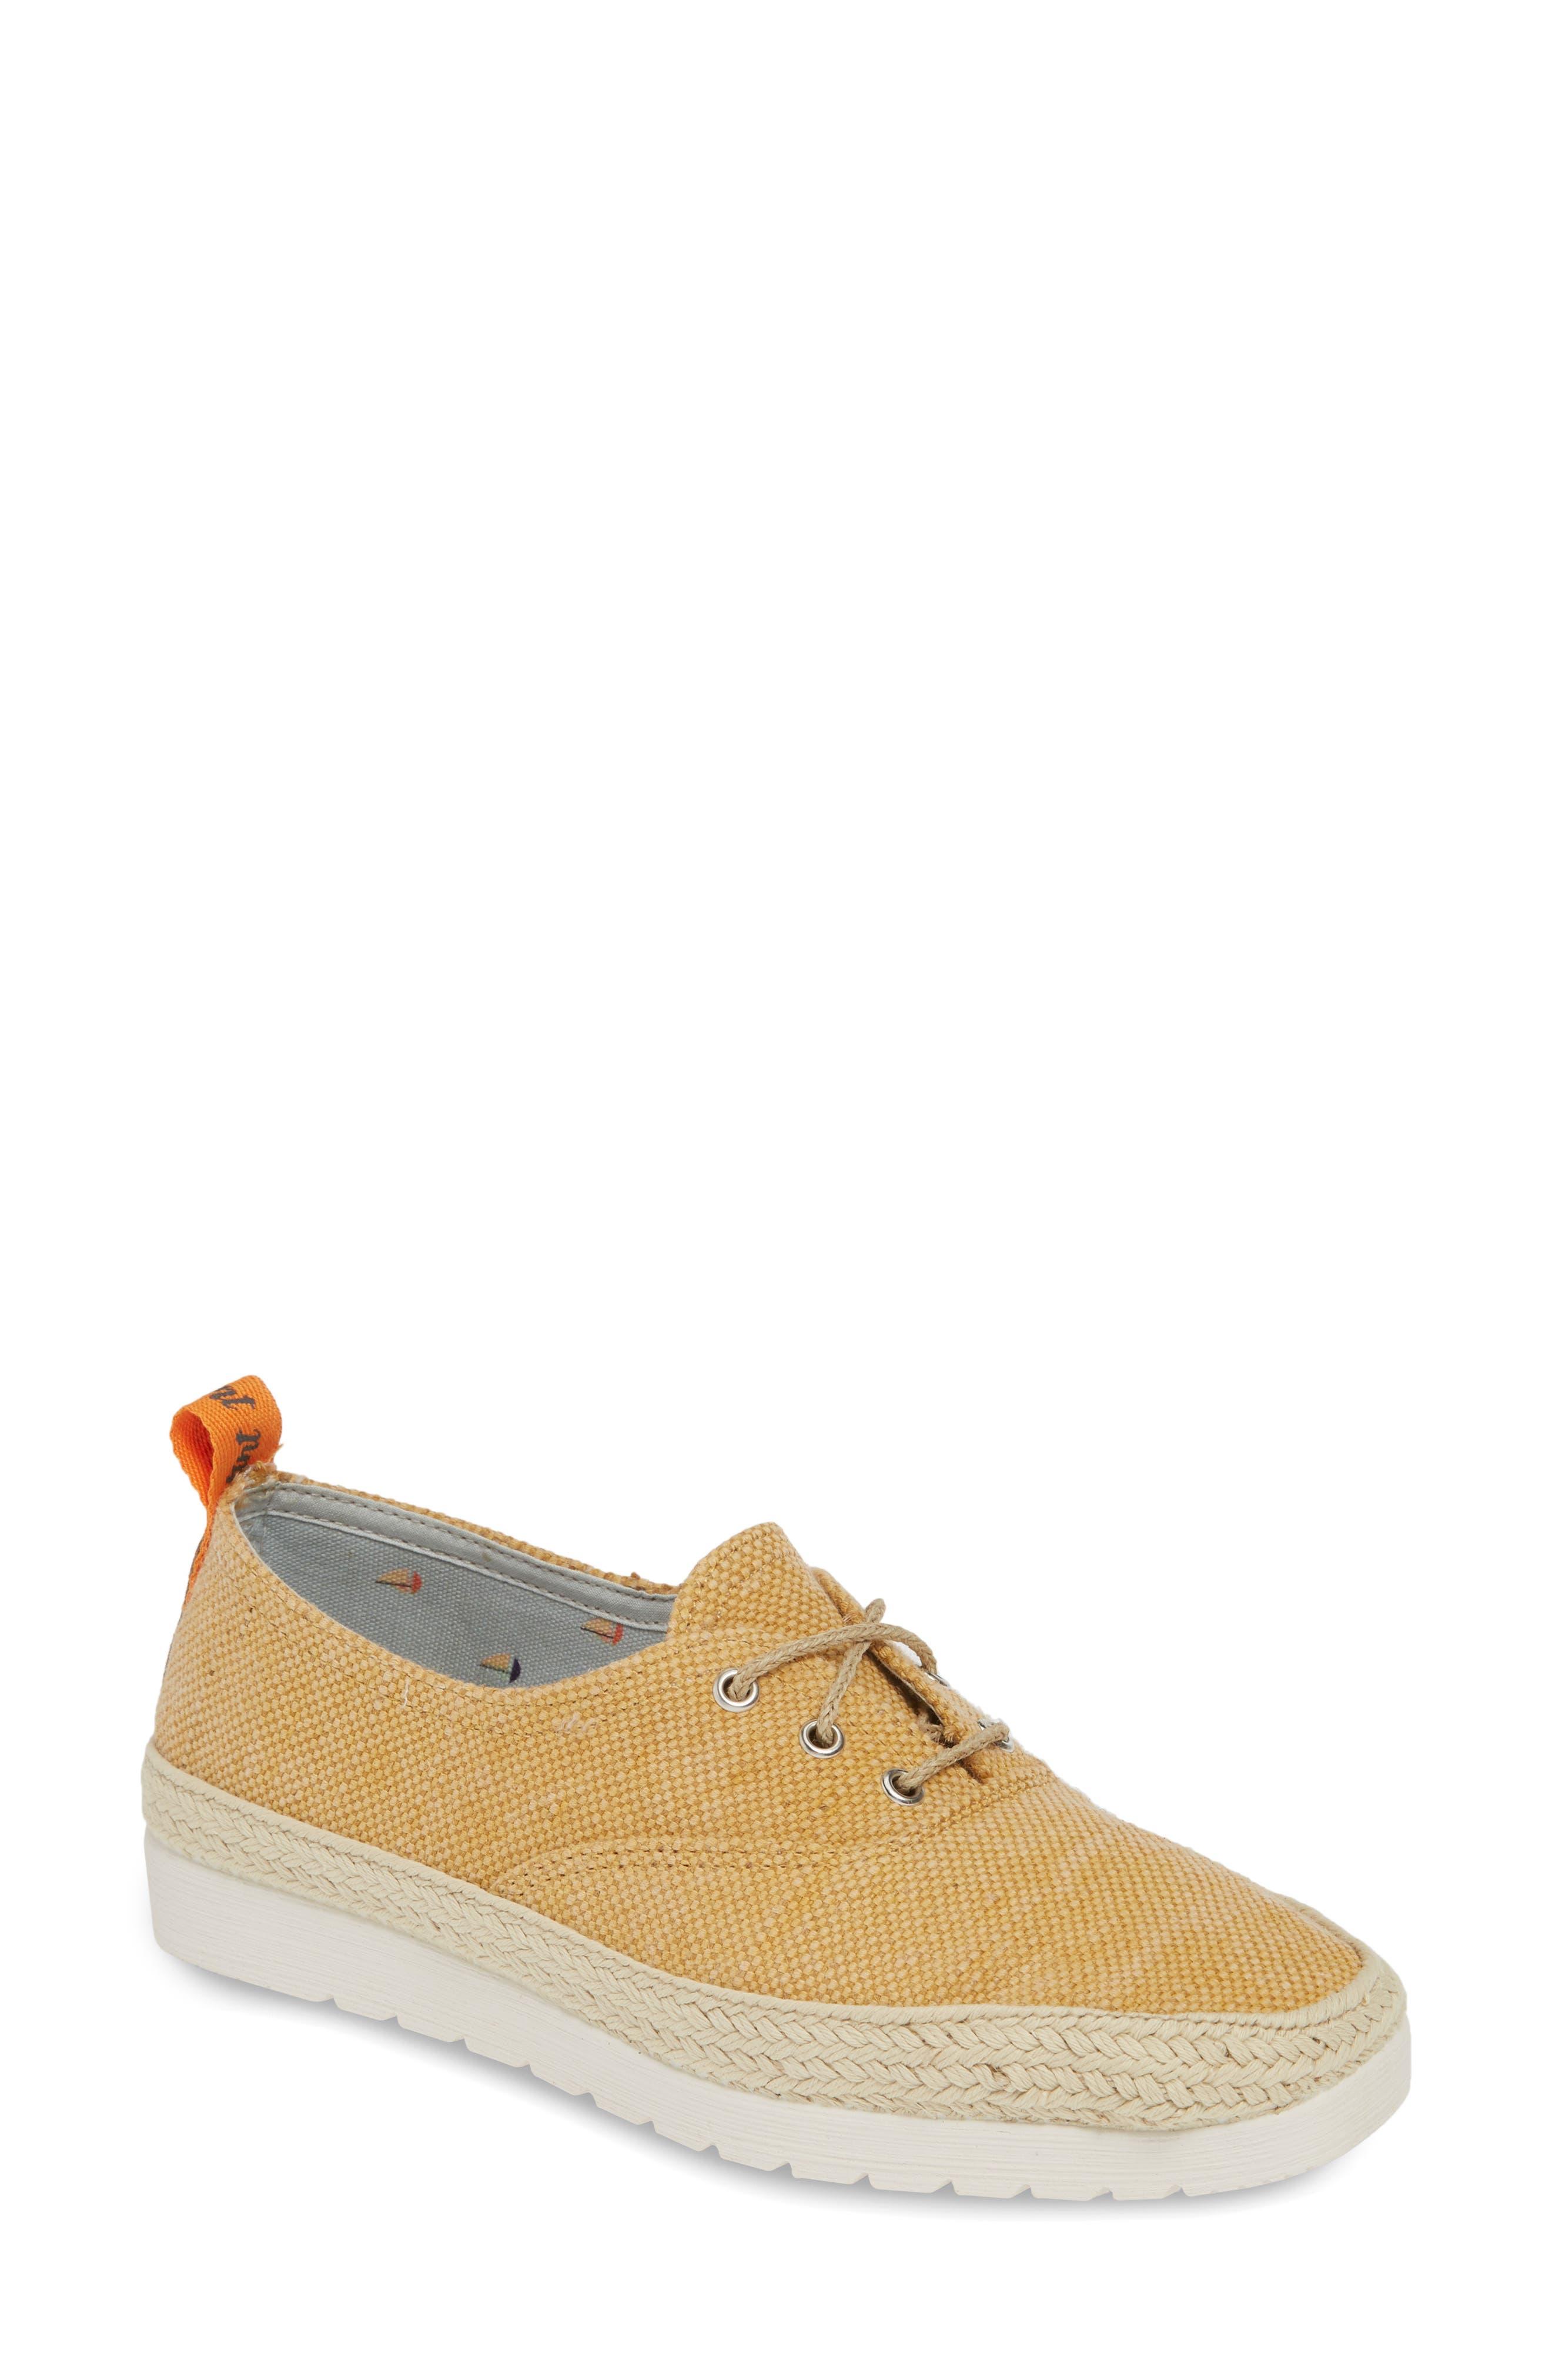 Toni Pons Bego Espadrille Sneaker - Yellow